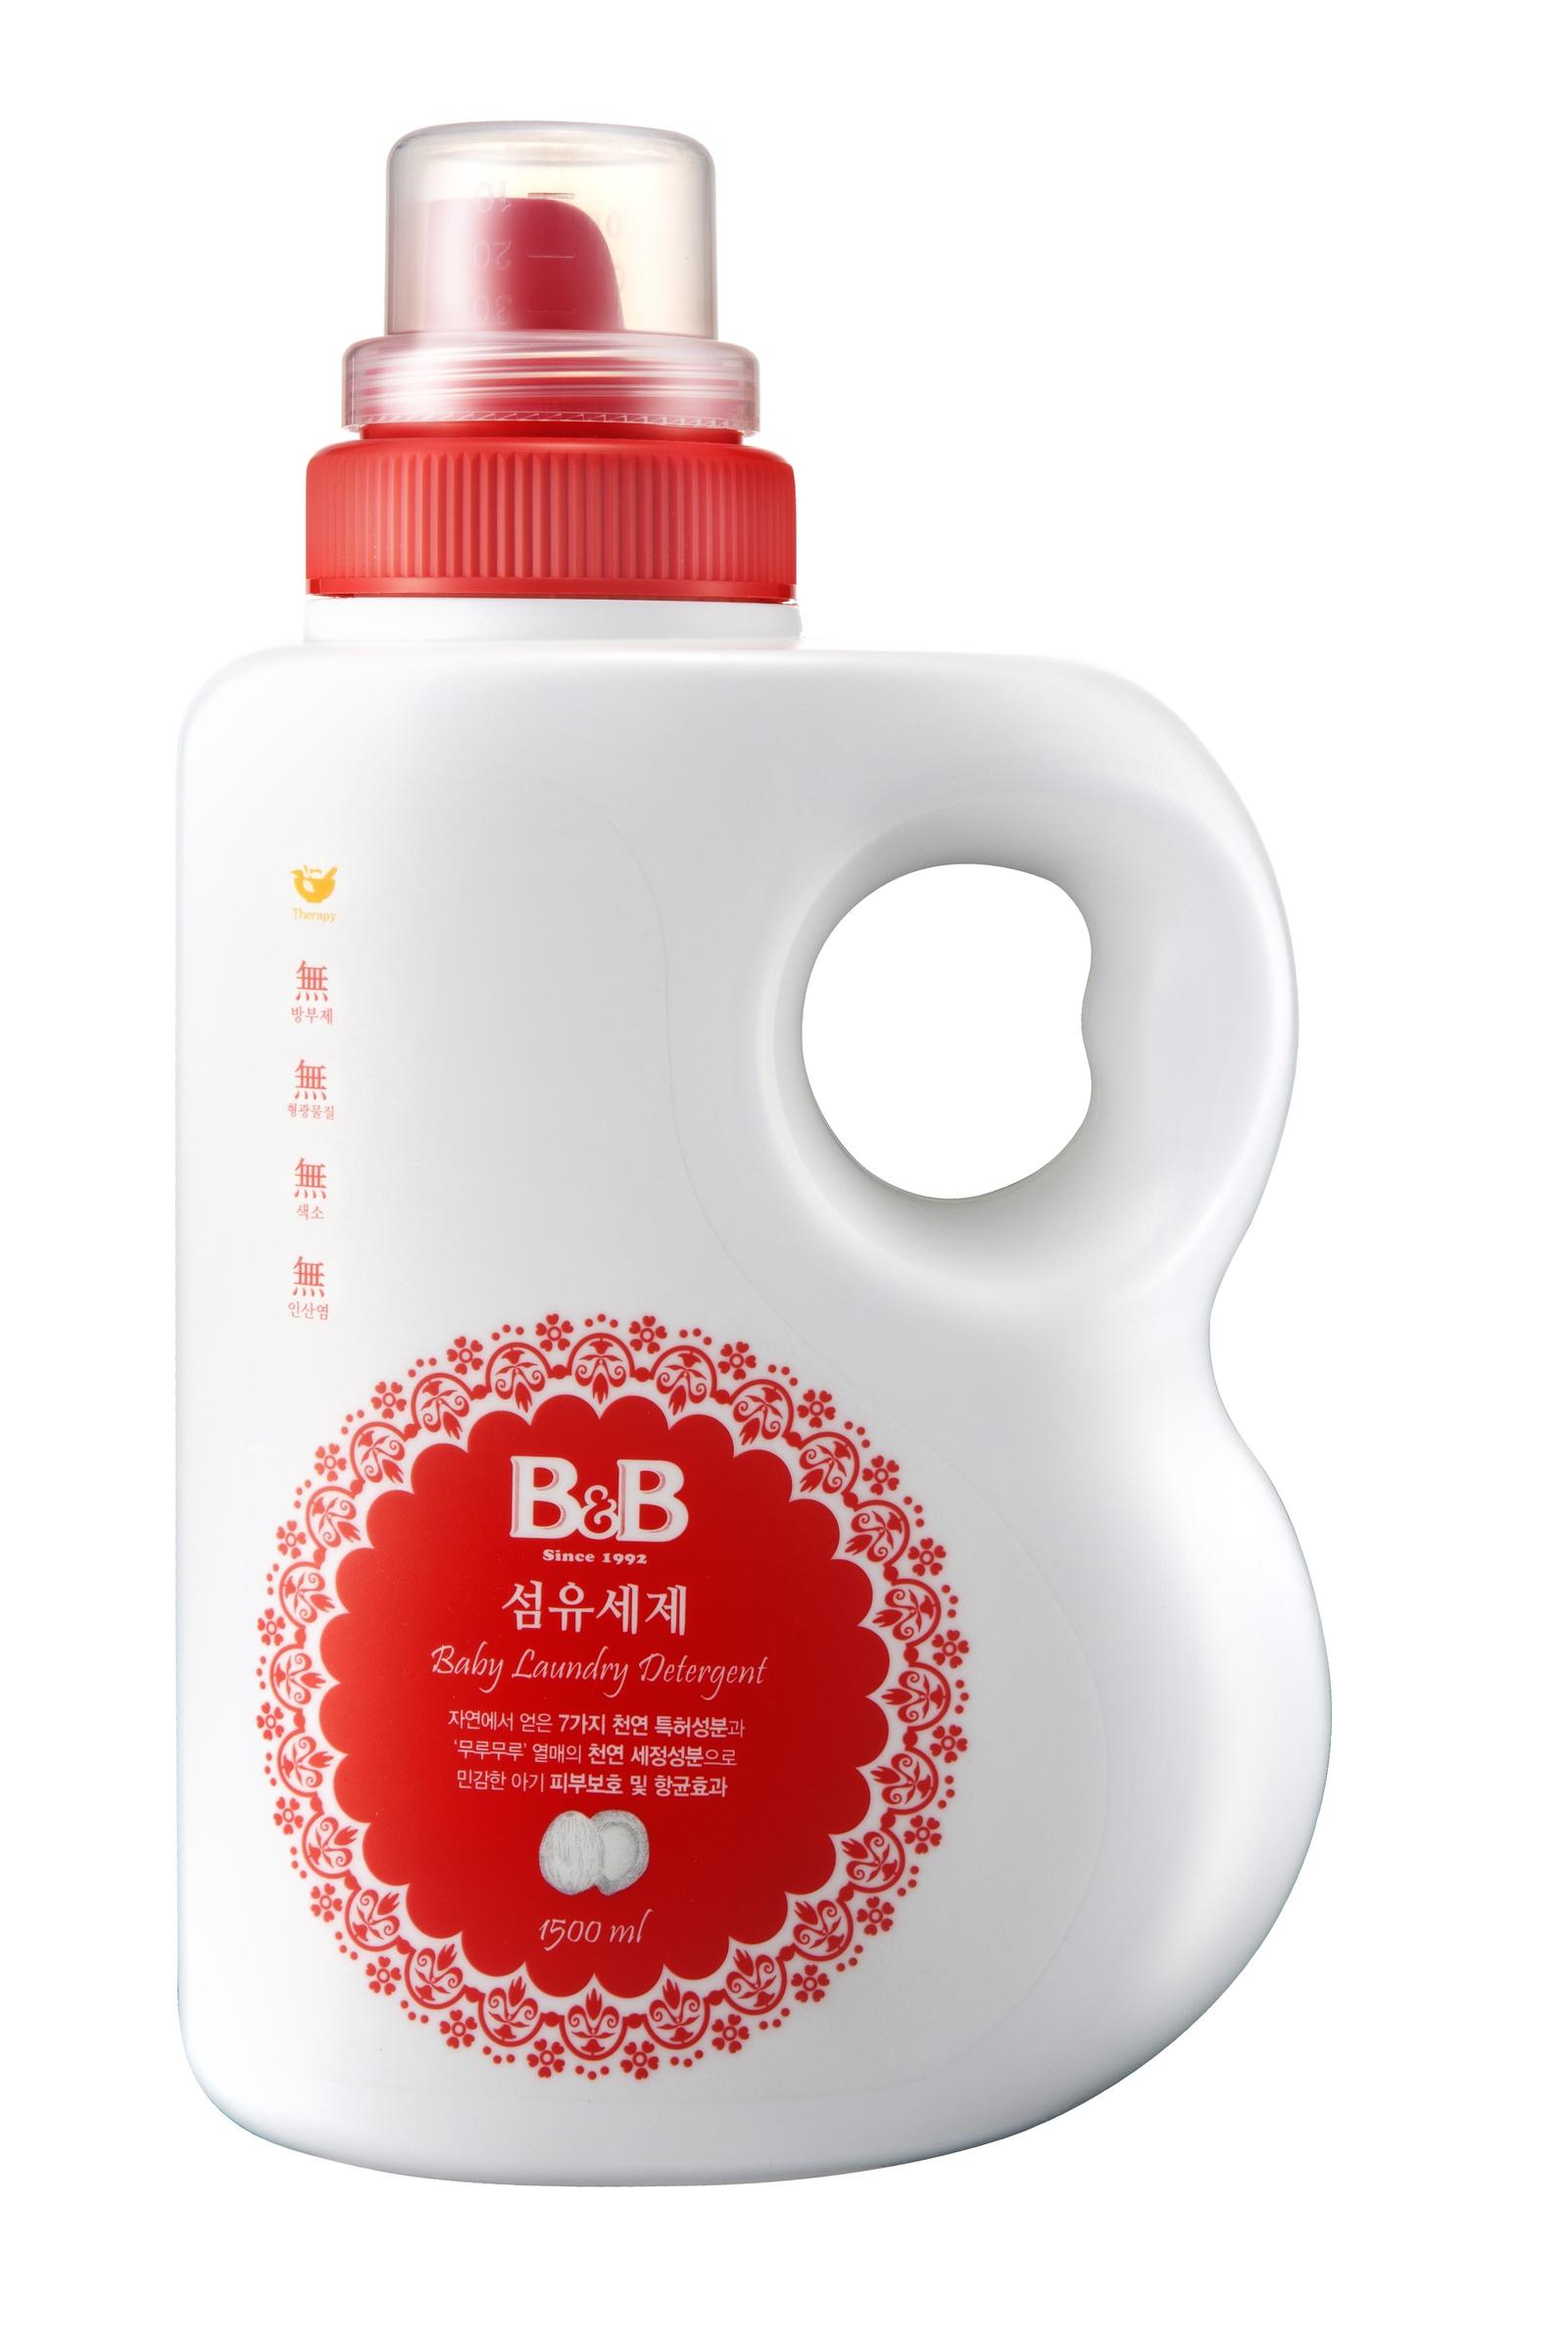 Жидкое средство для стирки B&B Гель для стирки детского белья с первых дней жизни. 100 стирок! Корея, прозрачный, 1500 мл.